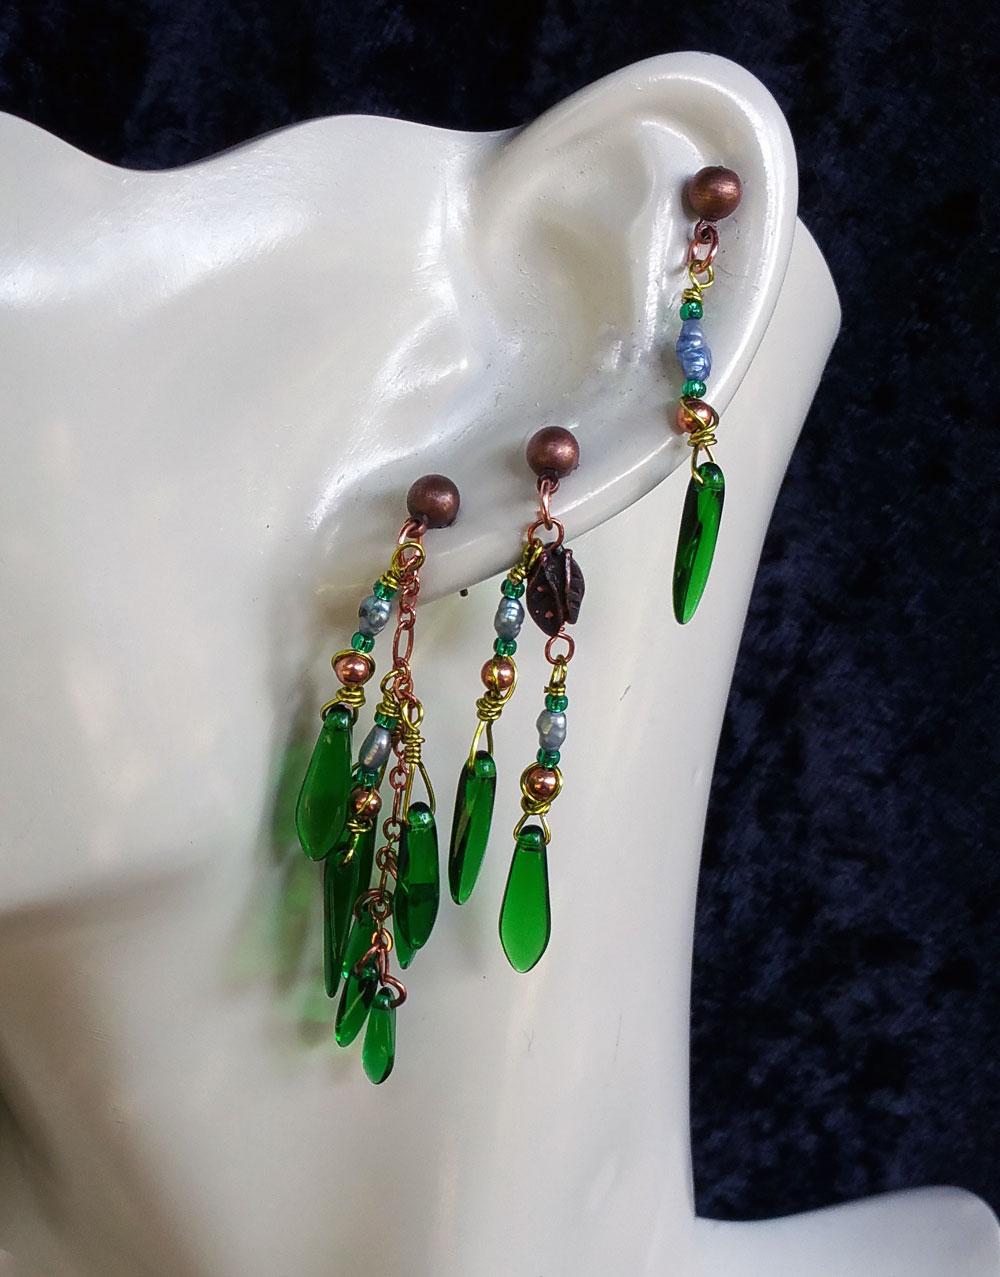 seaweed multi pierced earring set 2 by KC Dragonfly